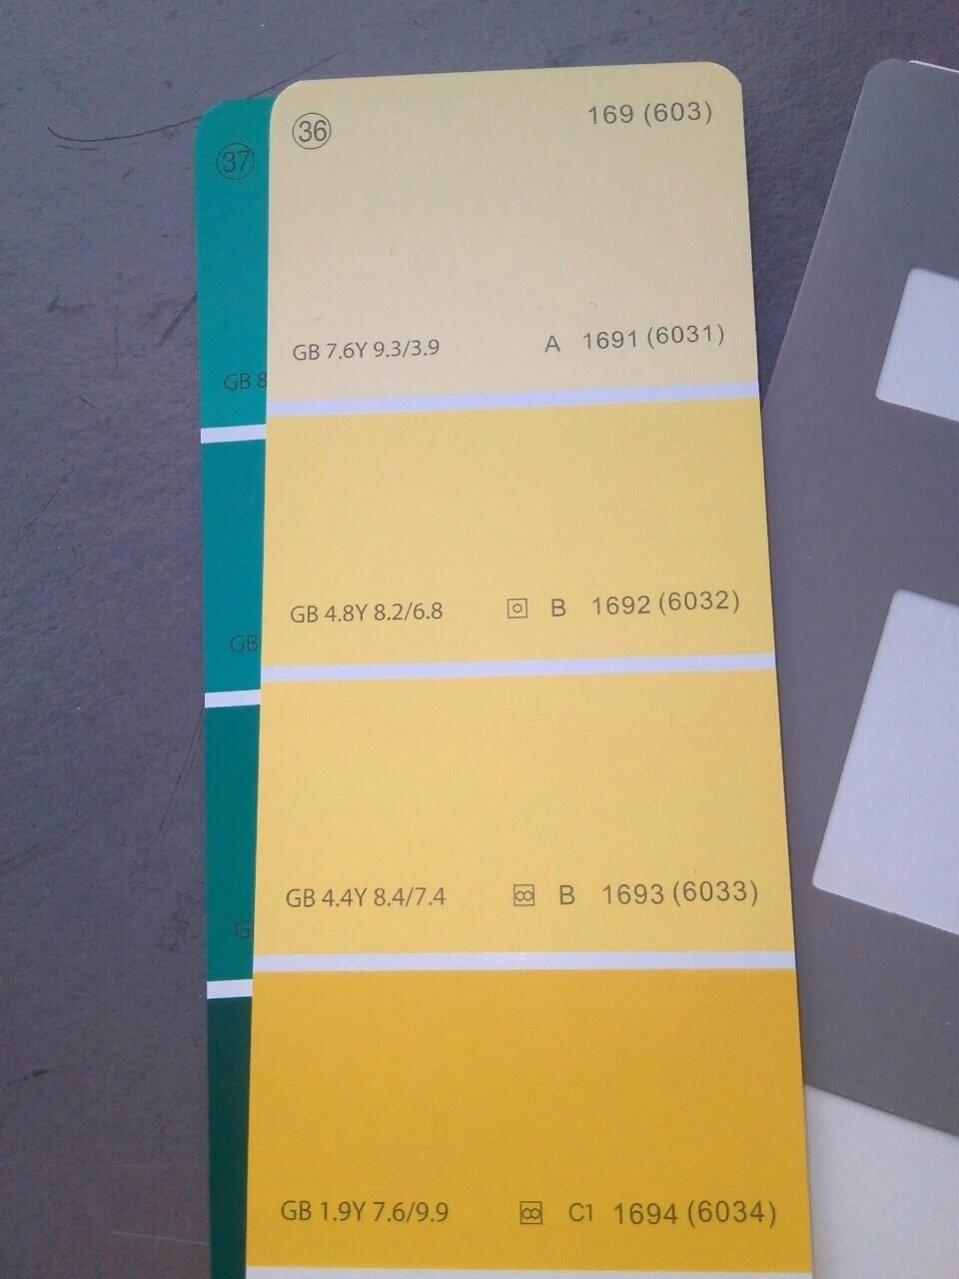 Cbcc decorative paint color carduniversal building color chart cbcc decorative paint color card universal building color chart paint color fandeck nvjuhfo Images